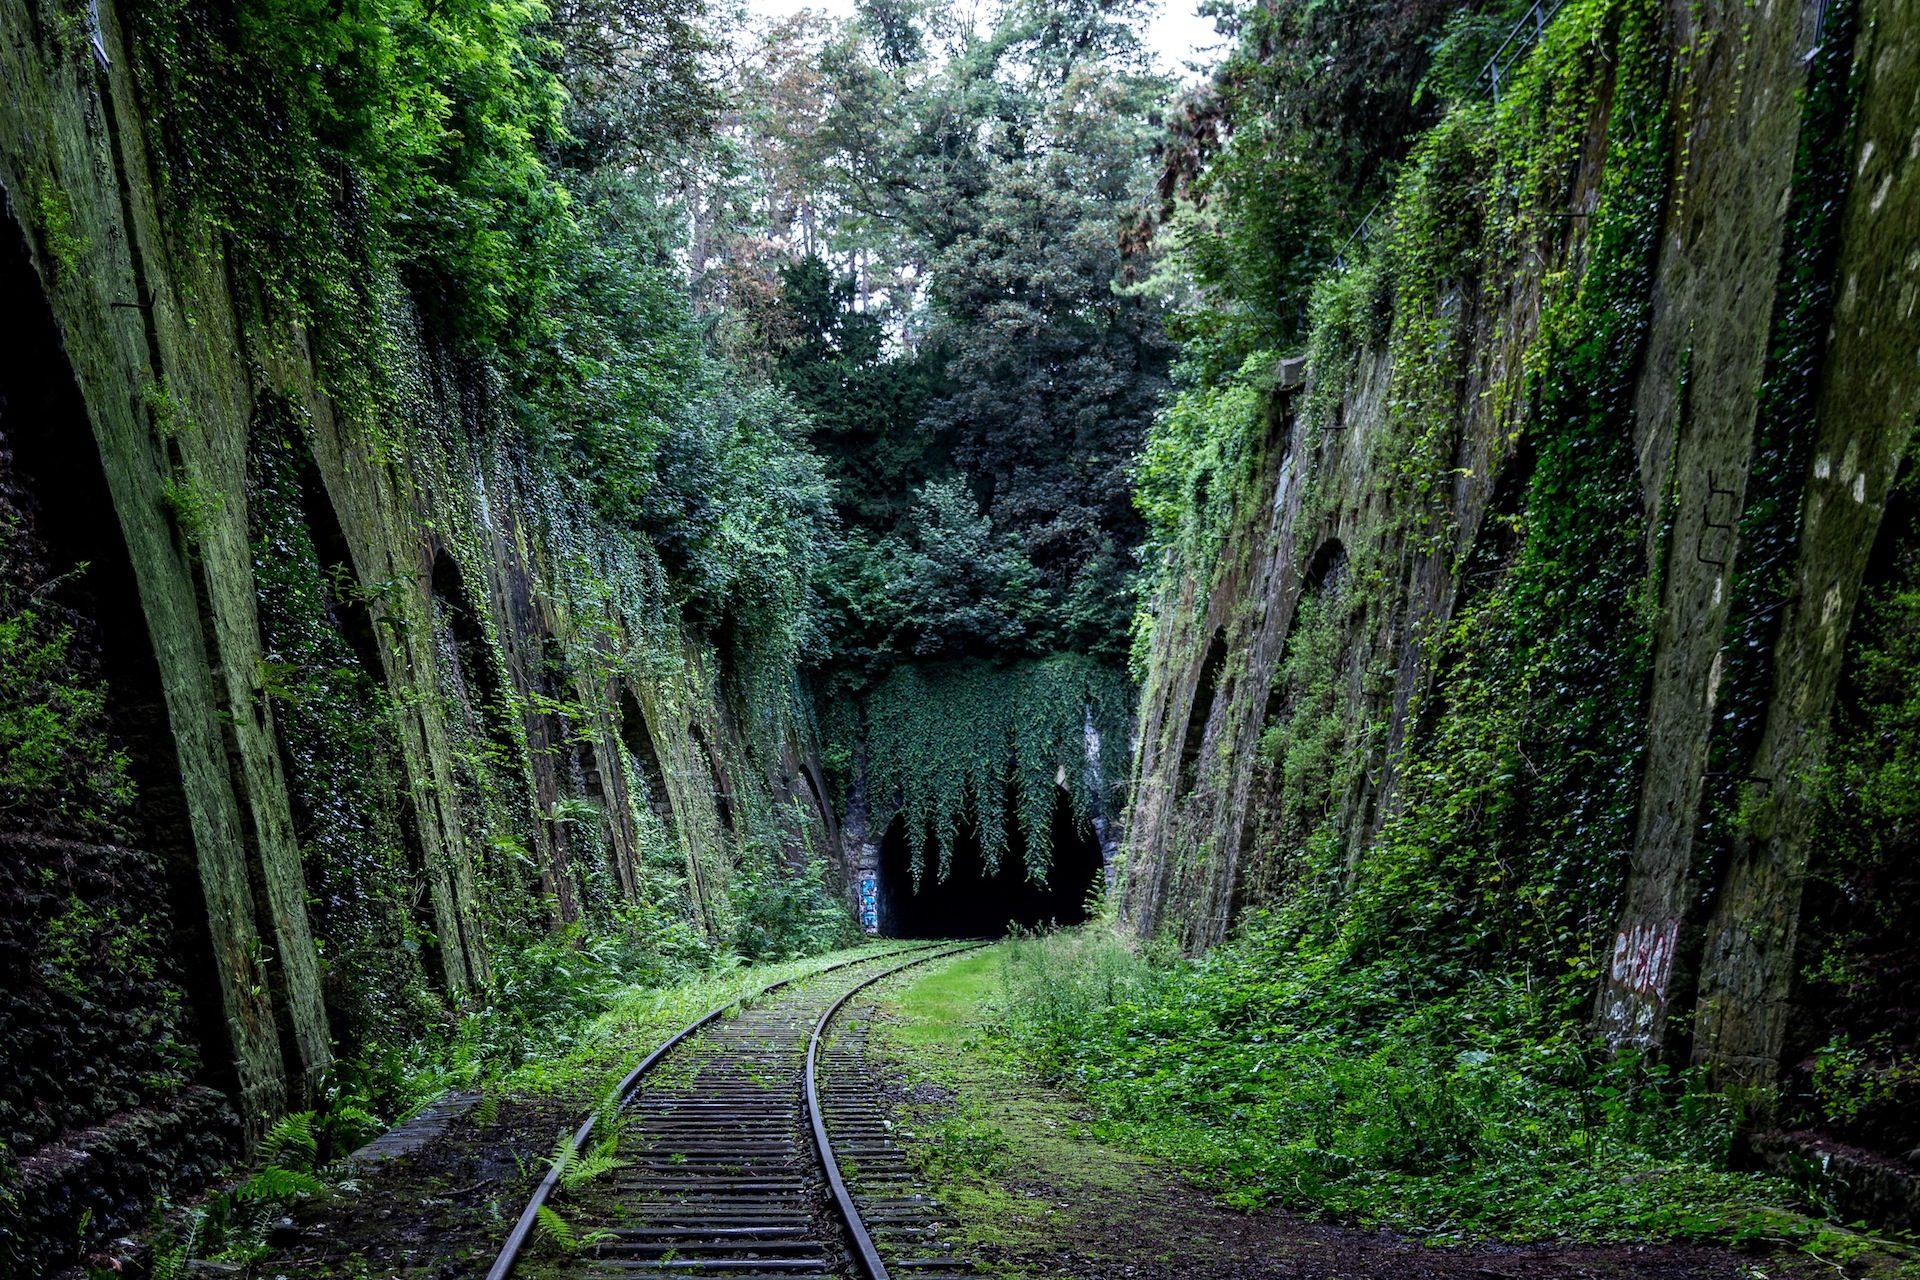 über, Durchgang, Tunnel, Unkraut, Bäume - Wallpaper HD - Prof.-falken.com